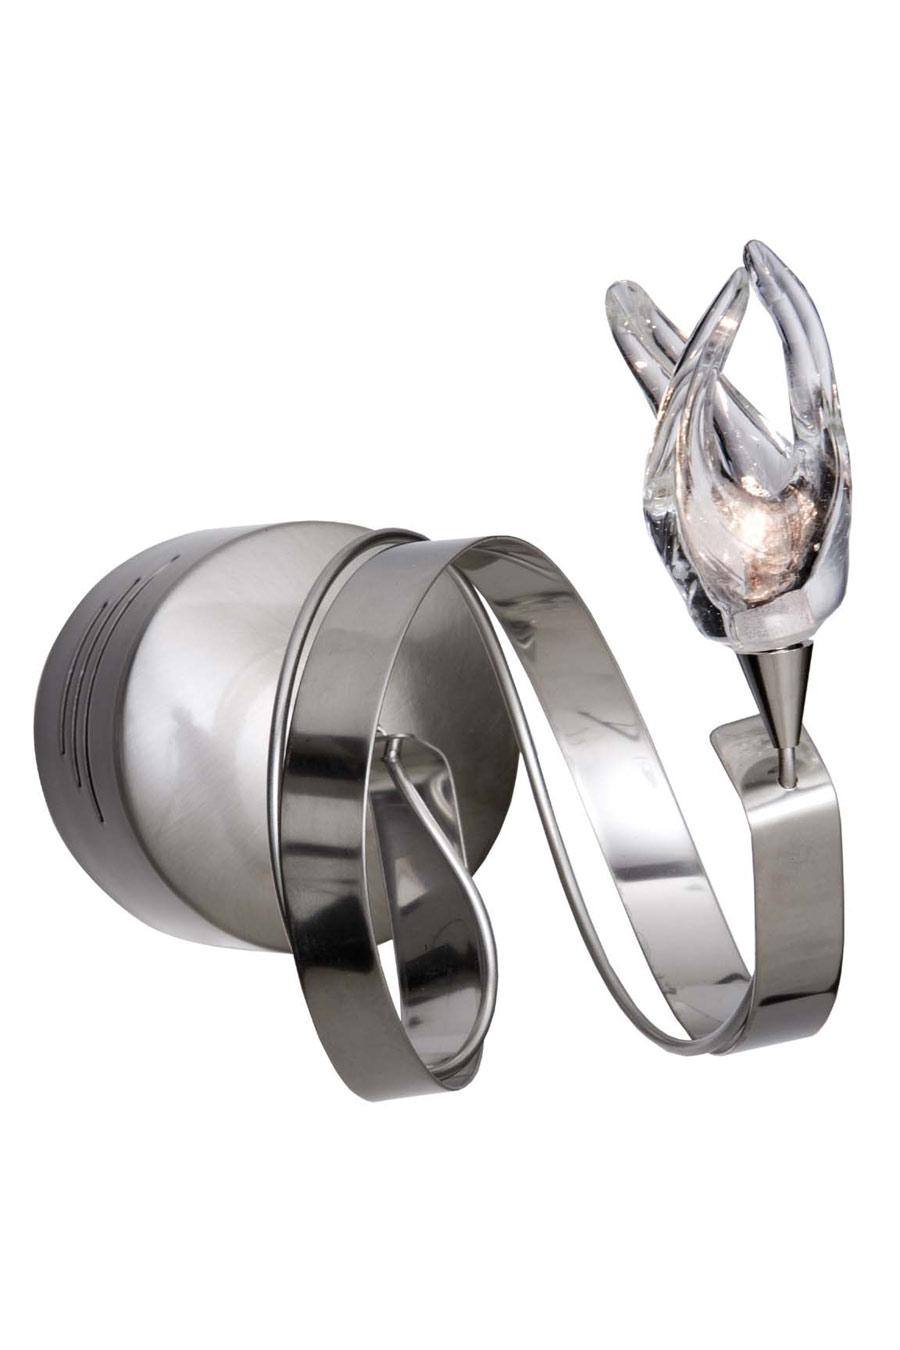 Guirlande applique simple finition métal brillant. Harco Loor.